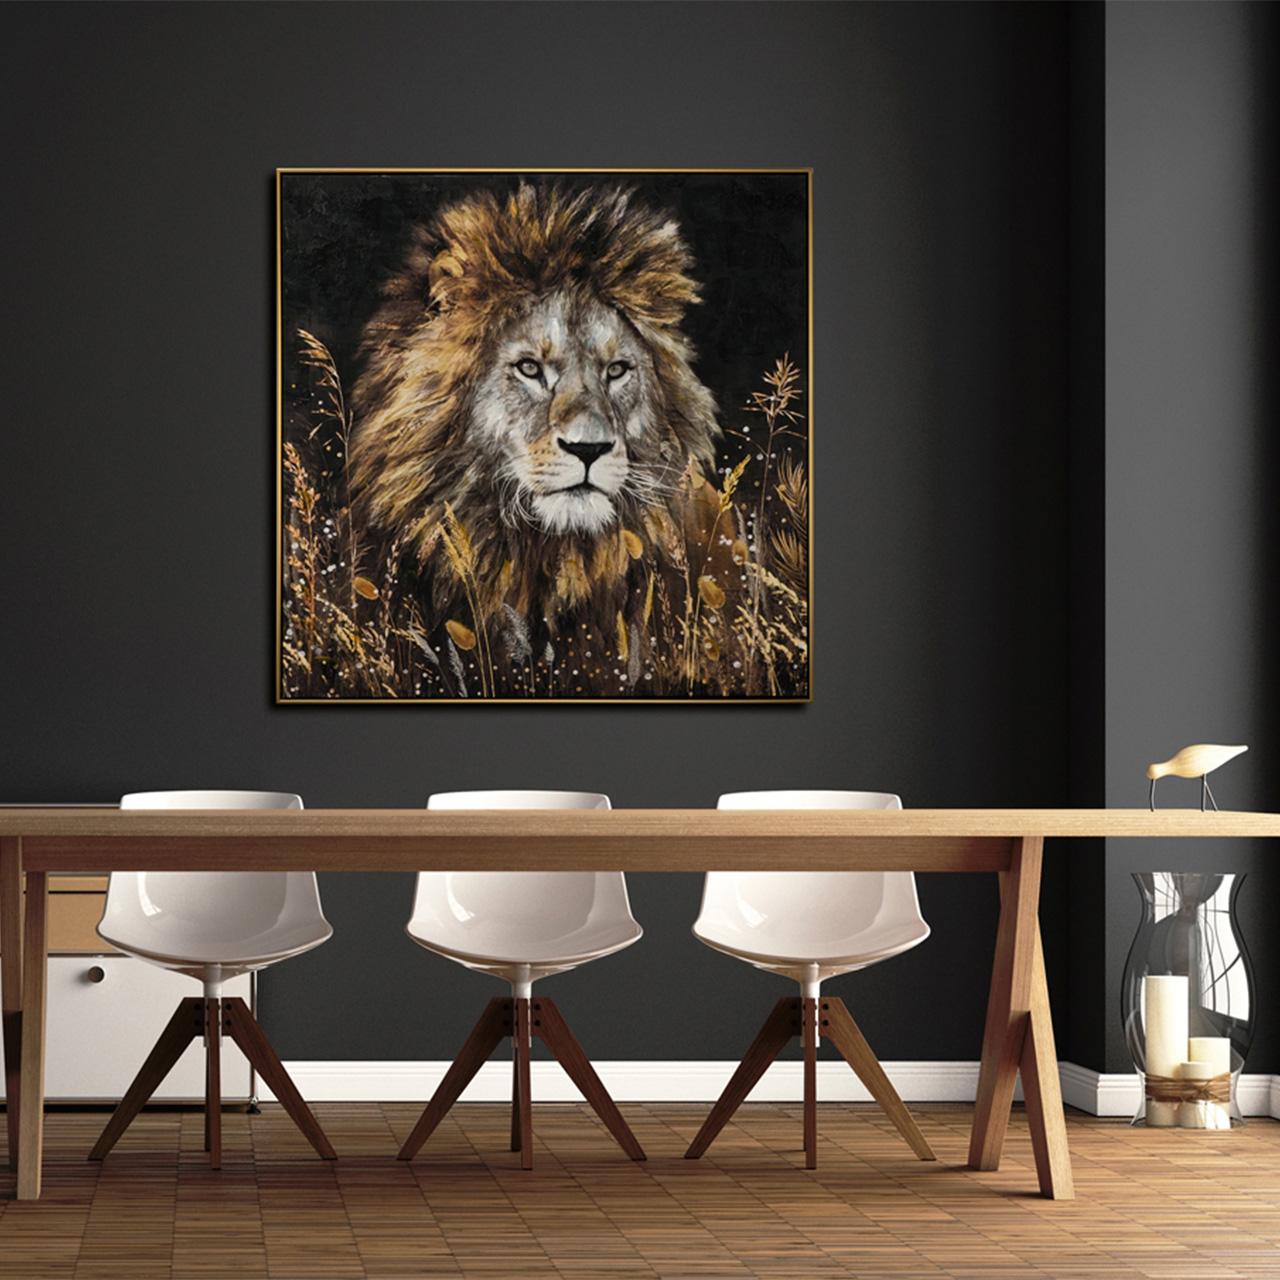 Imageland Bild König der Löwen II